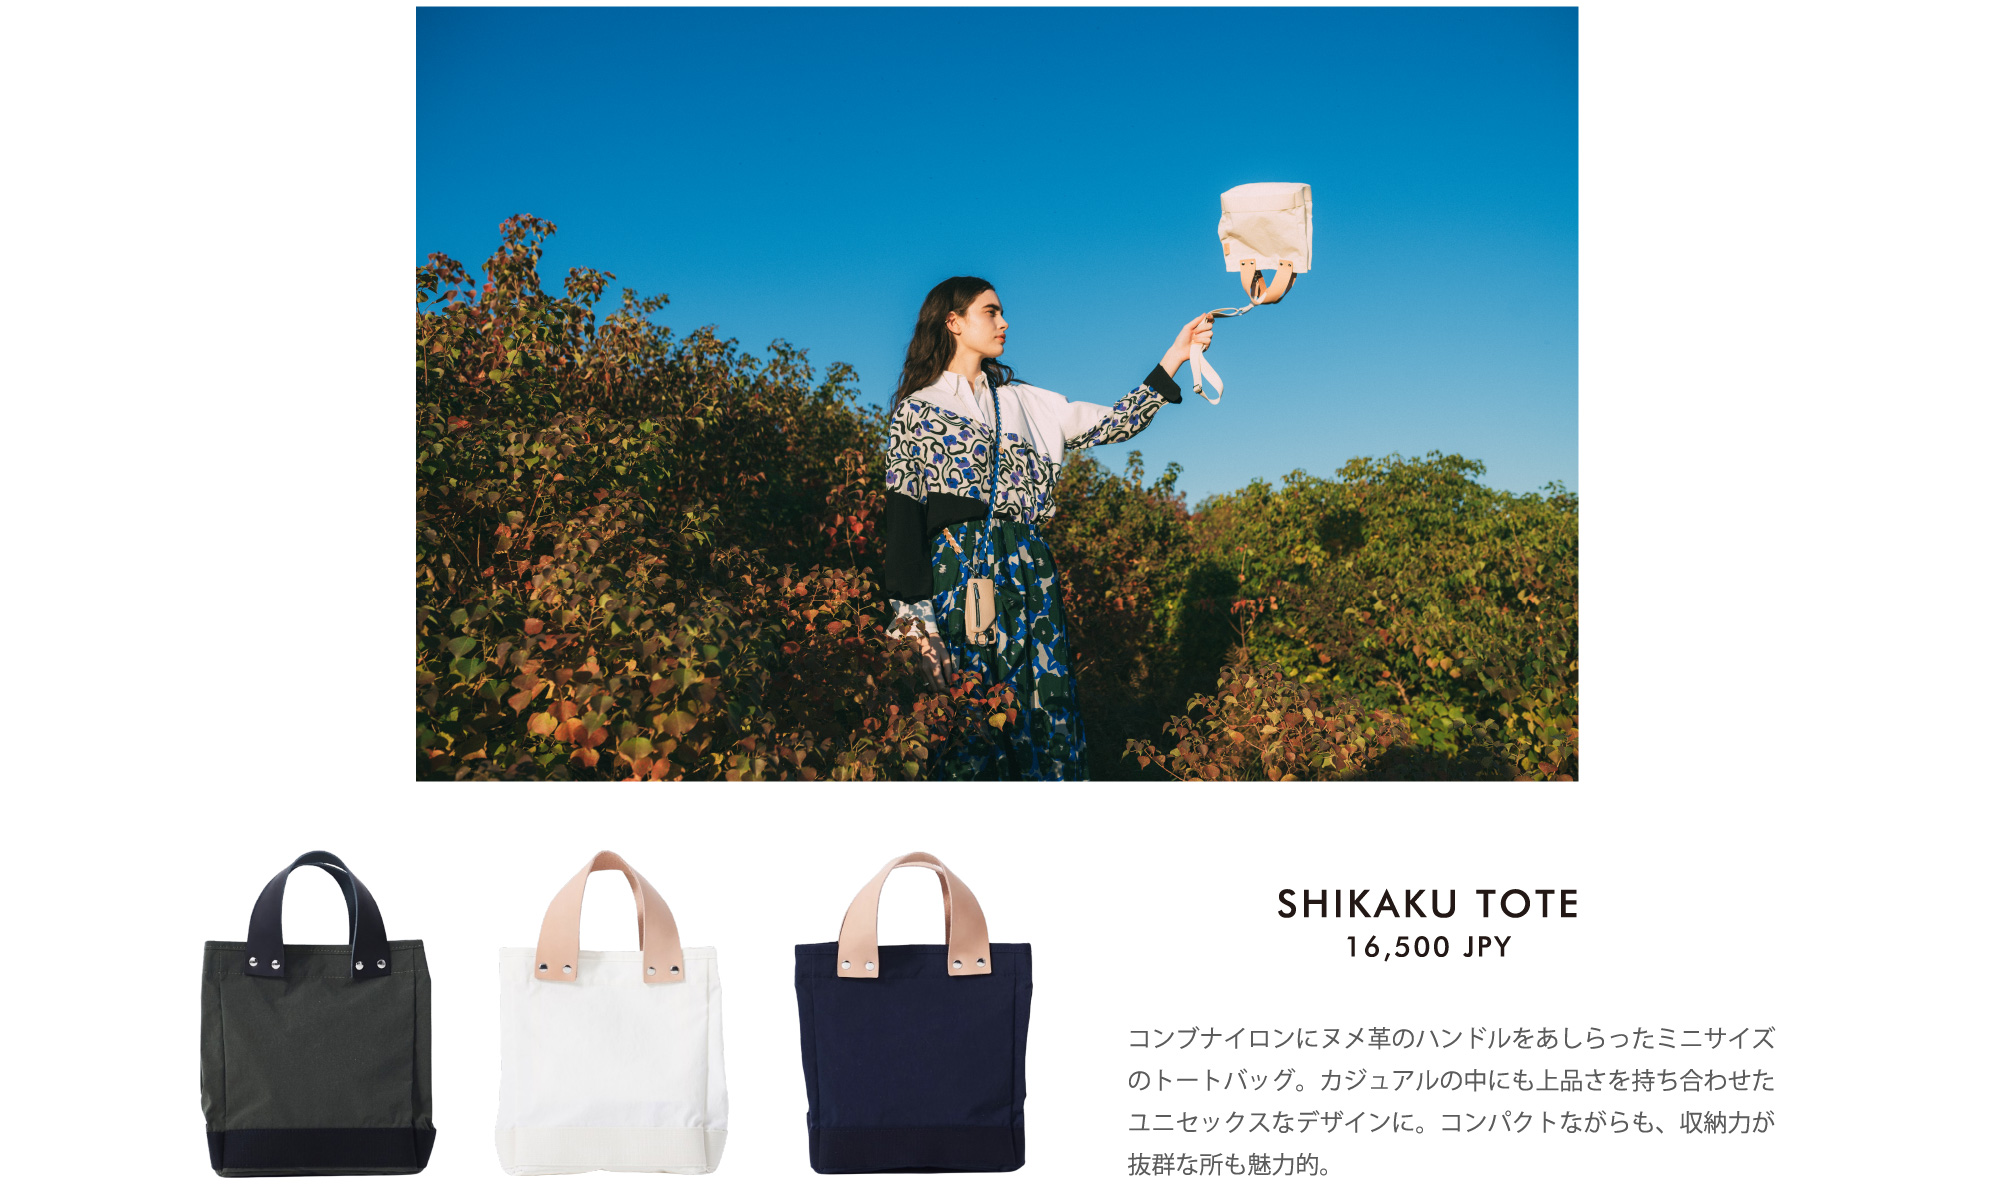 SHIKAKU TOTE